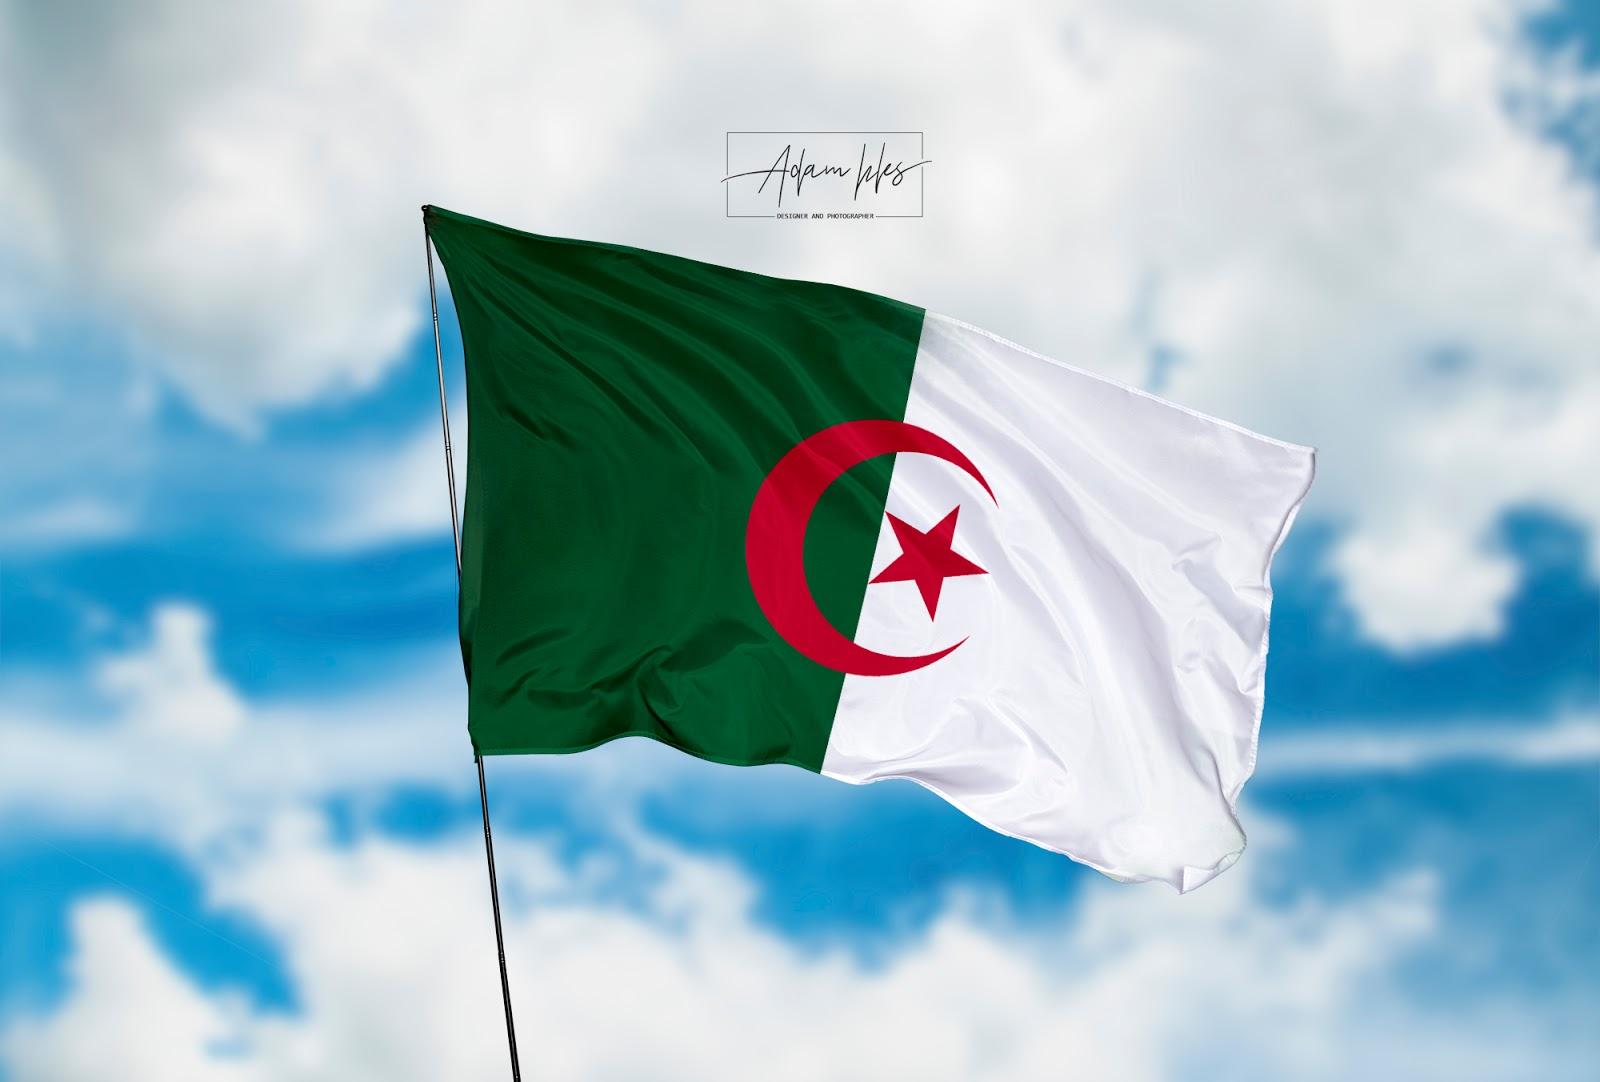 علم الجزائر رائعة